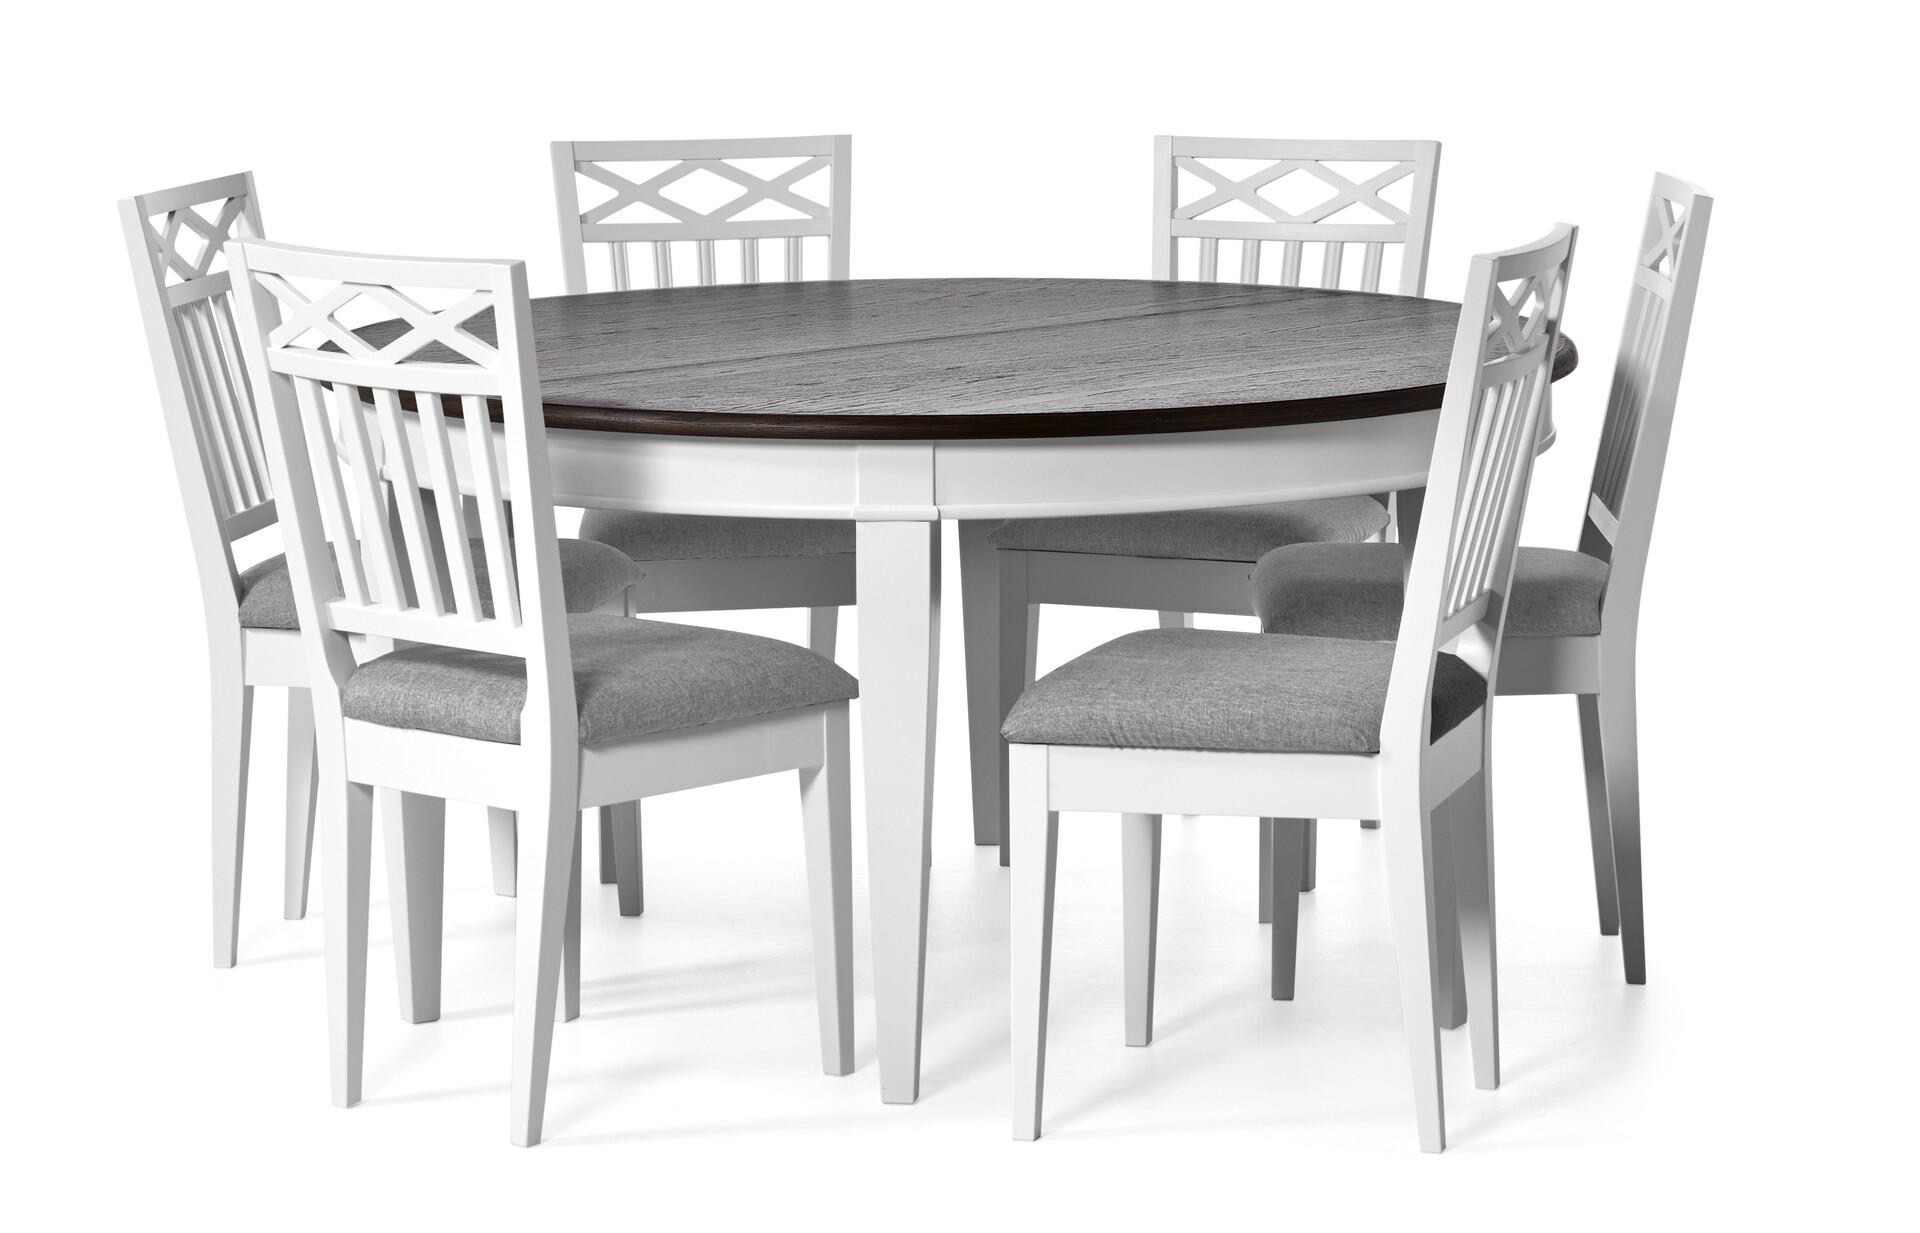 Kanon Wilma Matgrupp med 6 stolar | Matbord | Mio BB-77